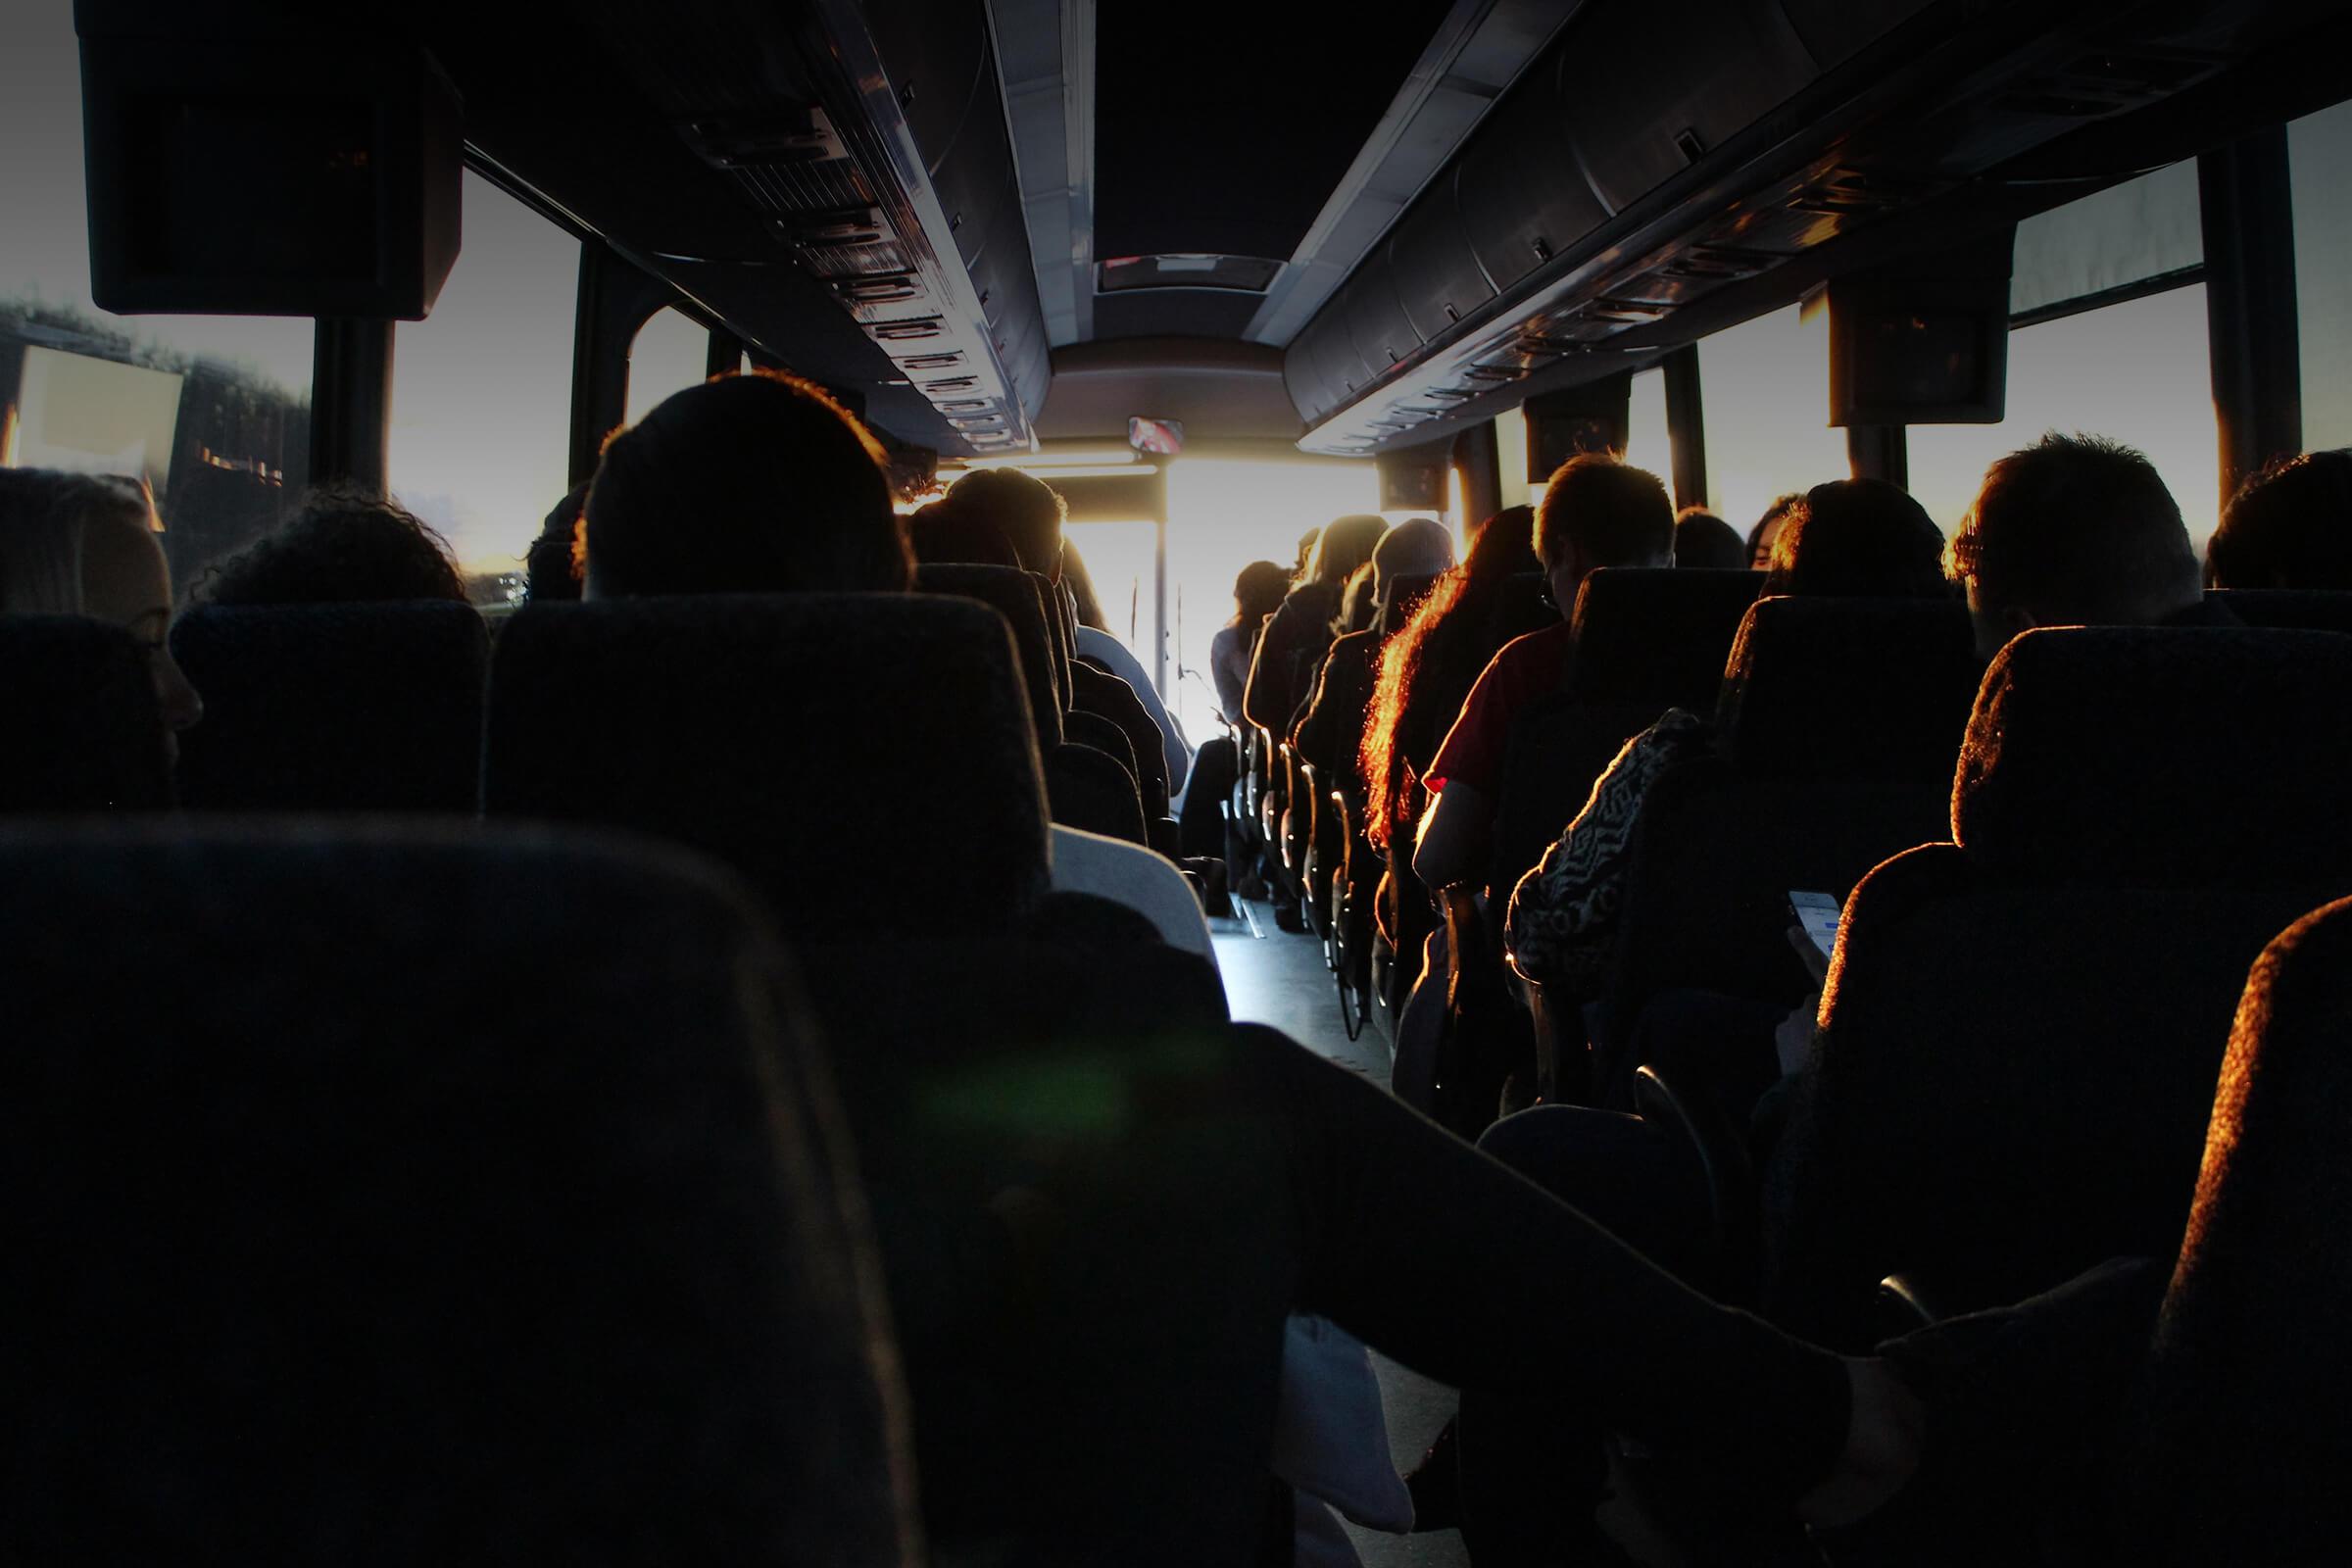 Консалтинговая компания Bus Сonnect — это профессиональная команда сотрудников, которая осуществляет комплексные услуги для бизнеса в транспортной отрасли: от поиска клиентов до сопровождения полного цикла работы в коммерческих пассажирских перевозках.